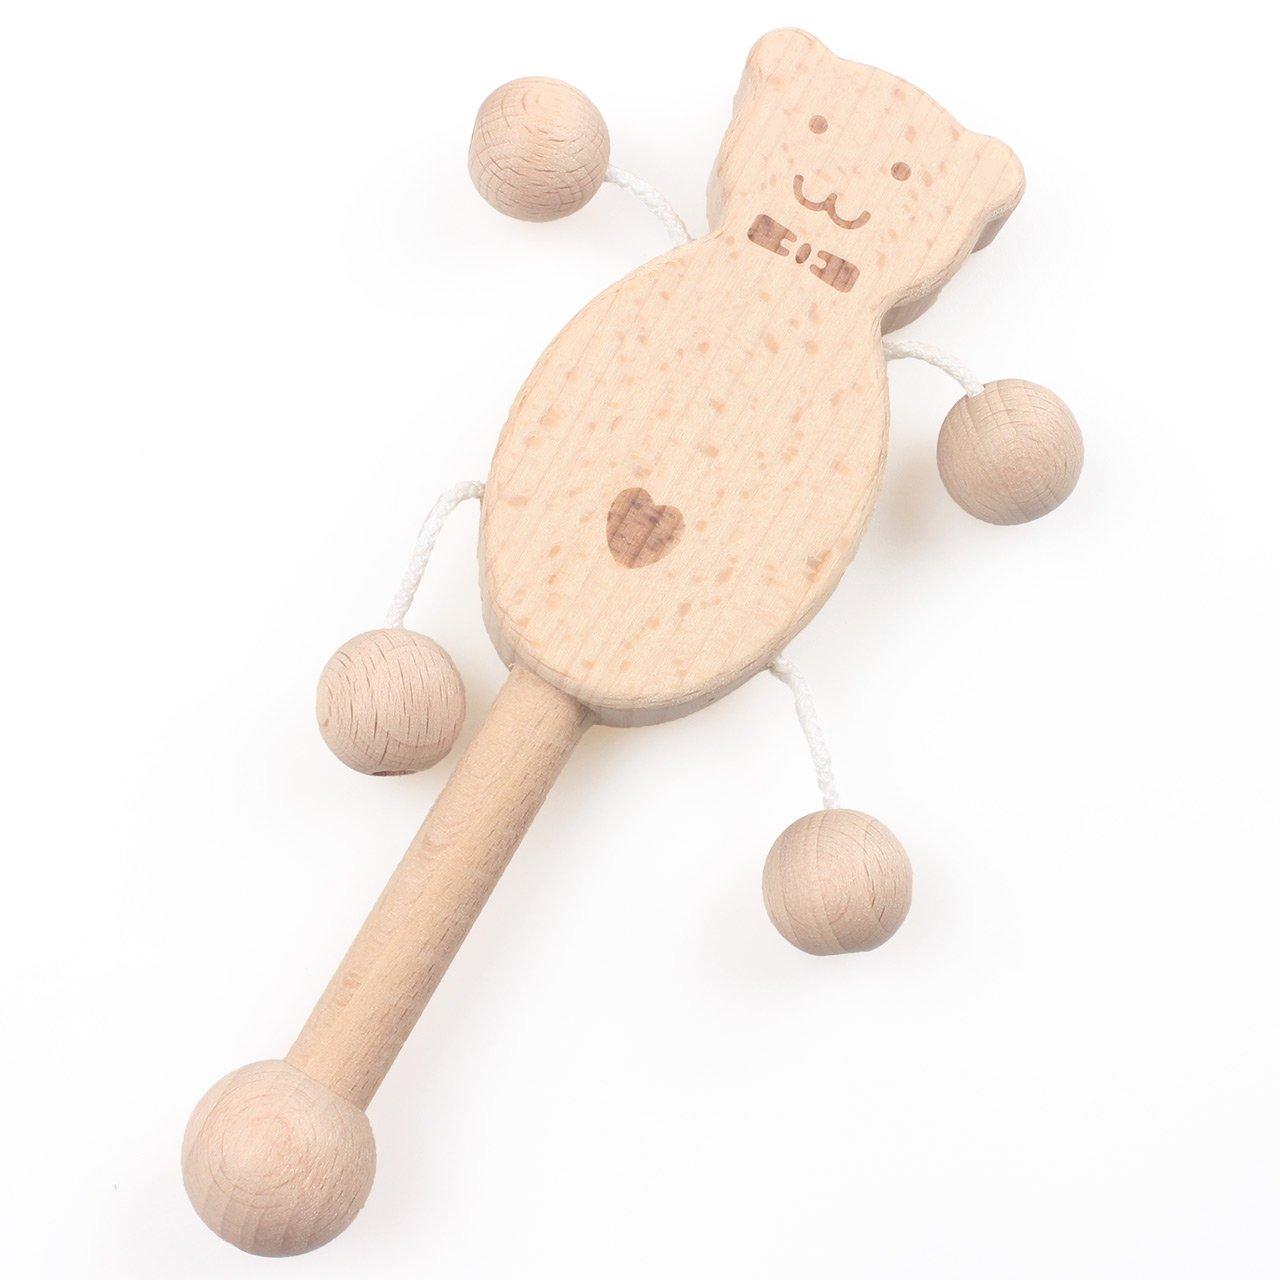 新品本物 Hiベビーモーメント赤ちゃんTeether木製Teethingのセット5 Bell B07DBLFVBX Natural Girl E-twbo08 Boy噛むおもちゃ幼児トレーニングおしゃぶり有機Rattle with Tinkle Bell Montessori Toys E-TWBO08 E-twbo08 B07DBLFVBX, 超激安:22cd5341 --- a0267596.xsph.ru